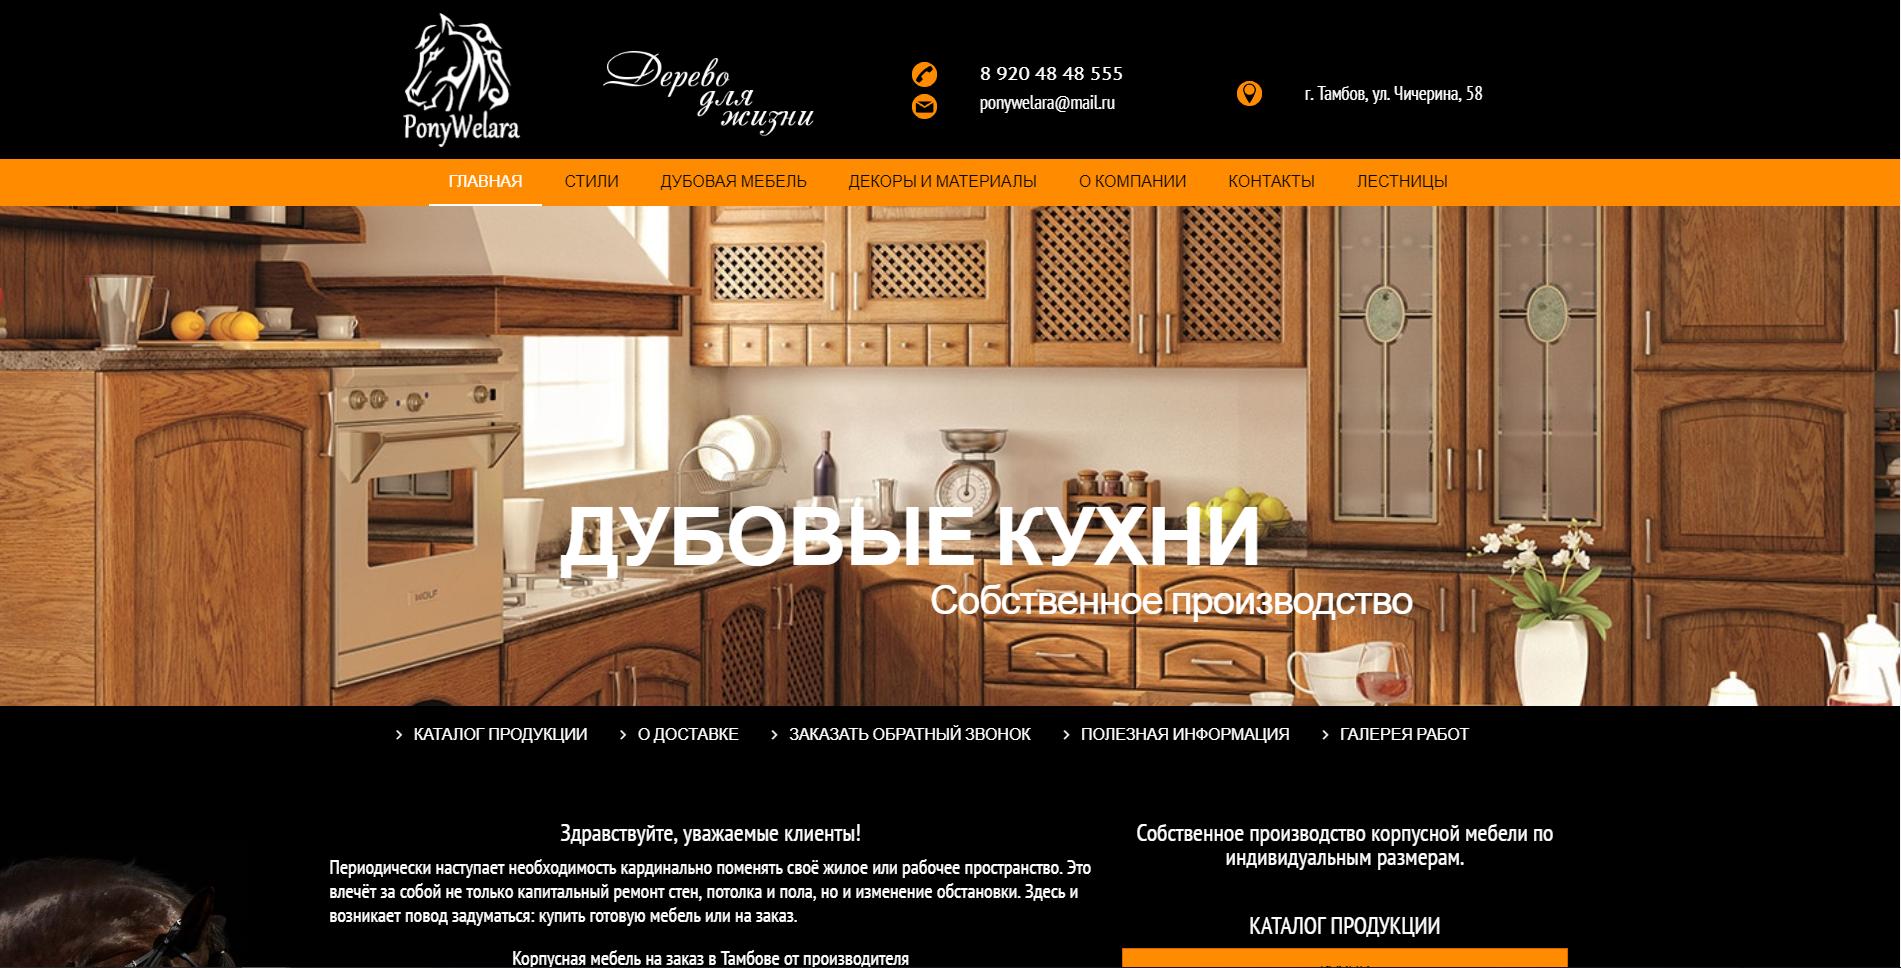 ponywelara.ru